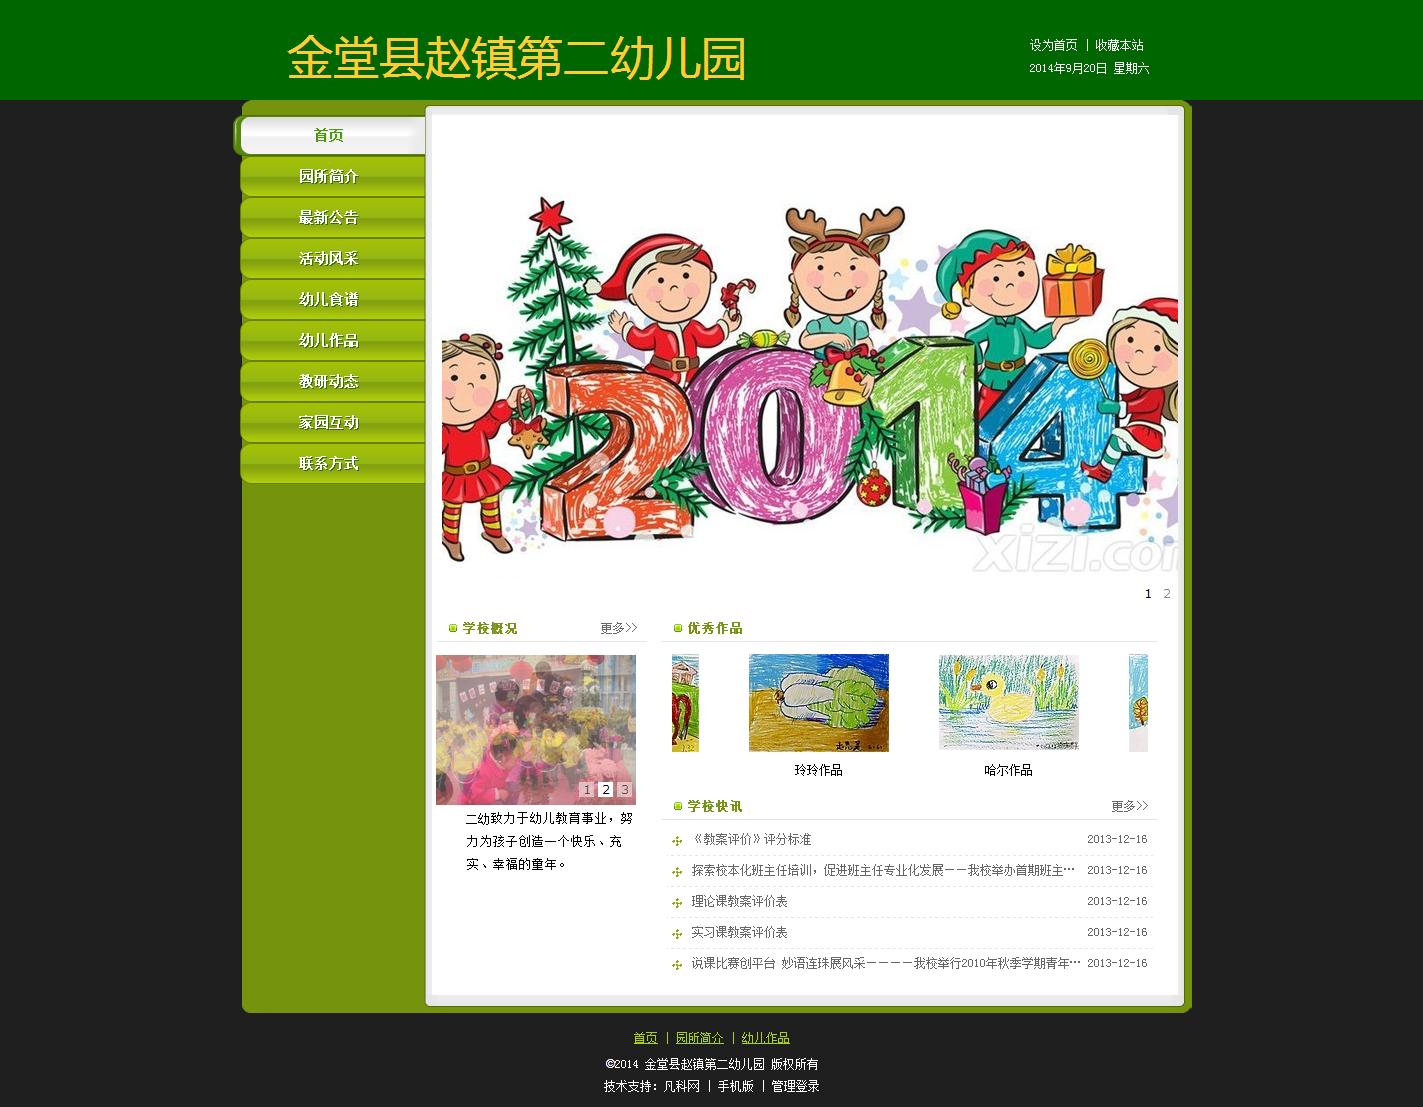 金堂县赵镇第二幼儿园